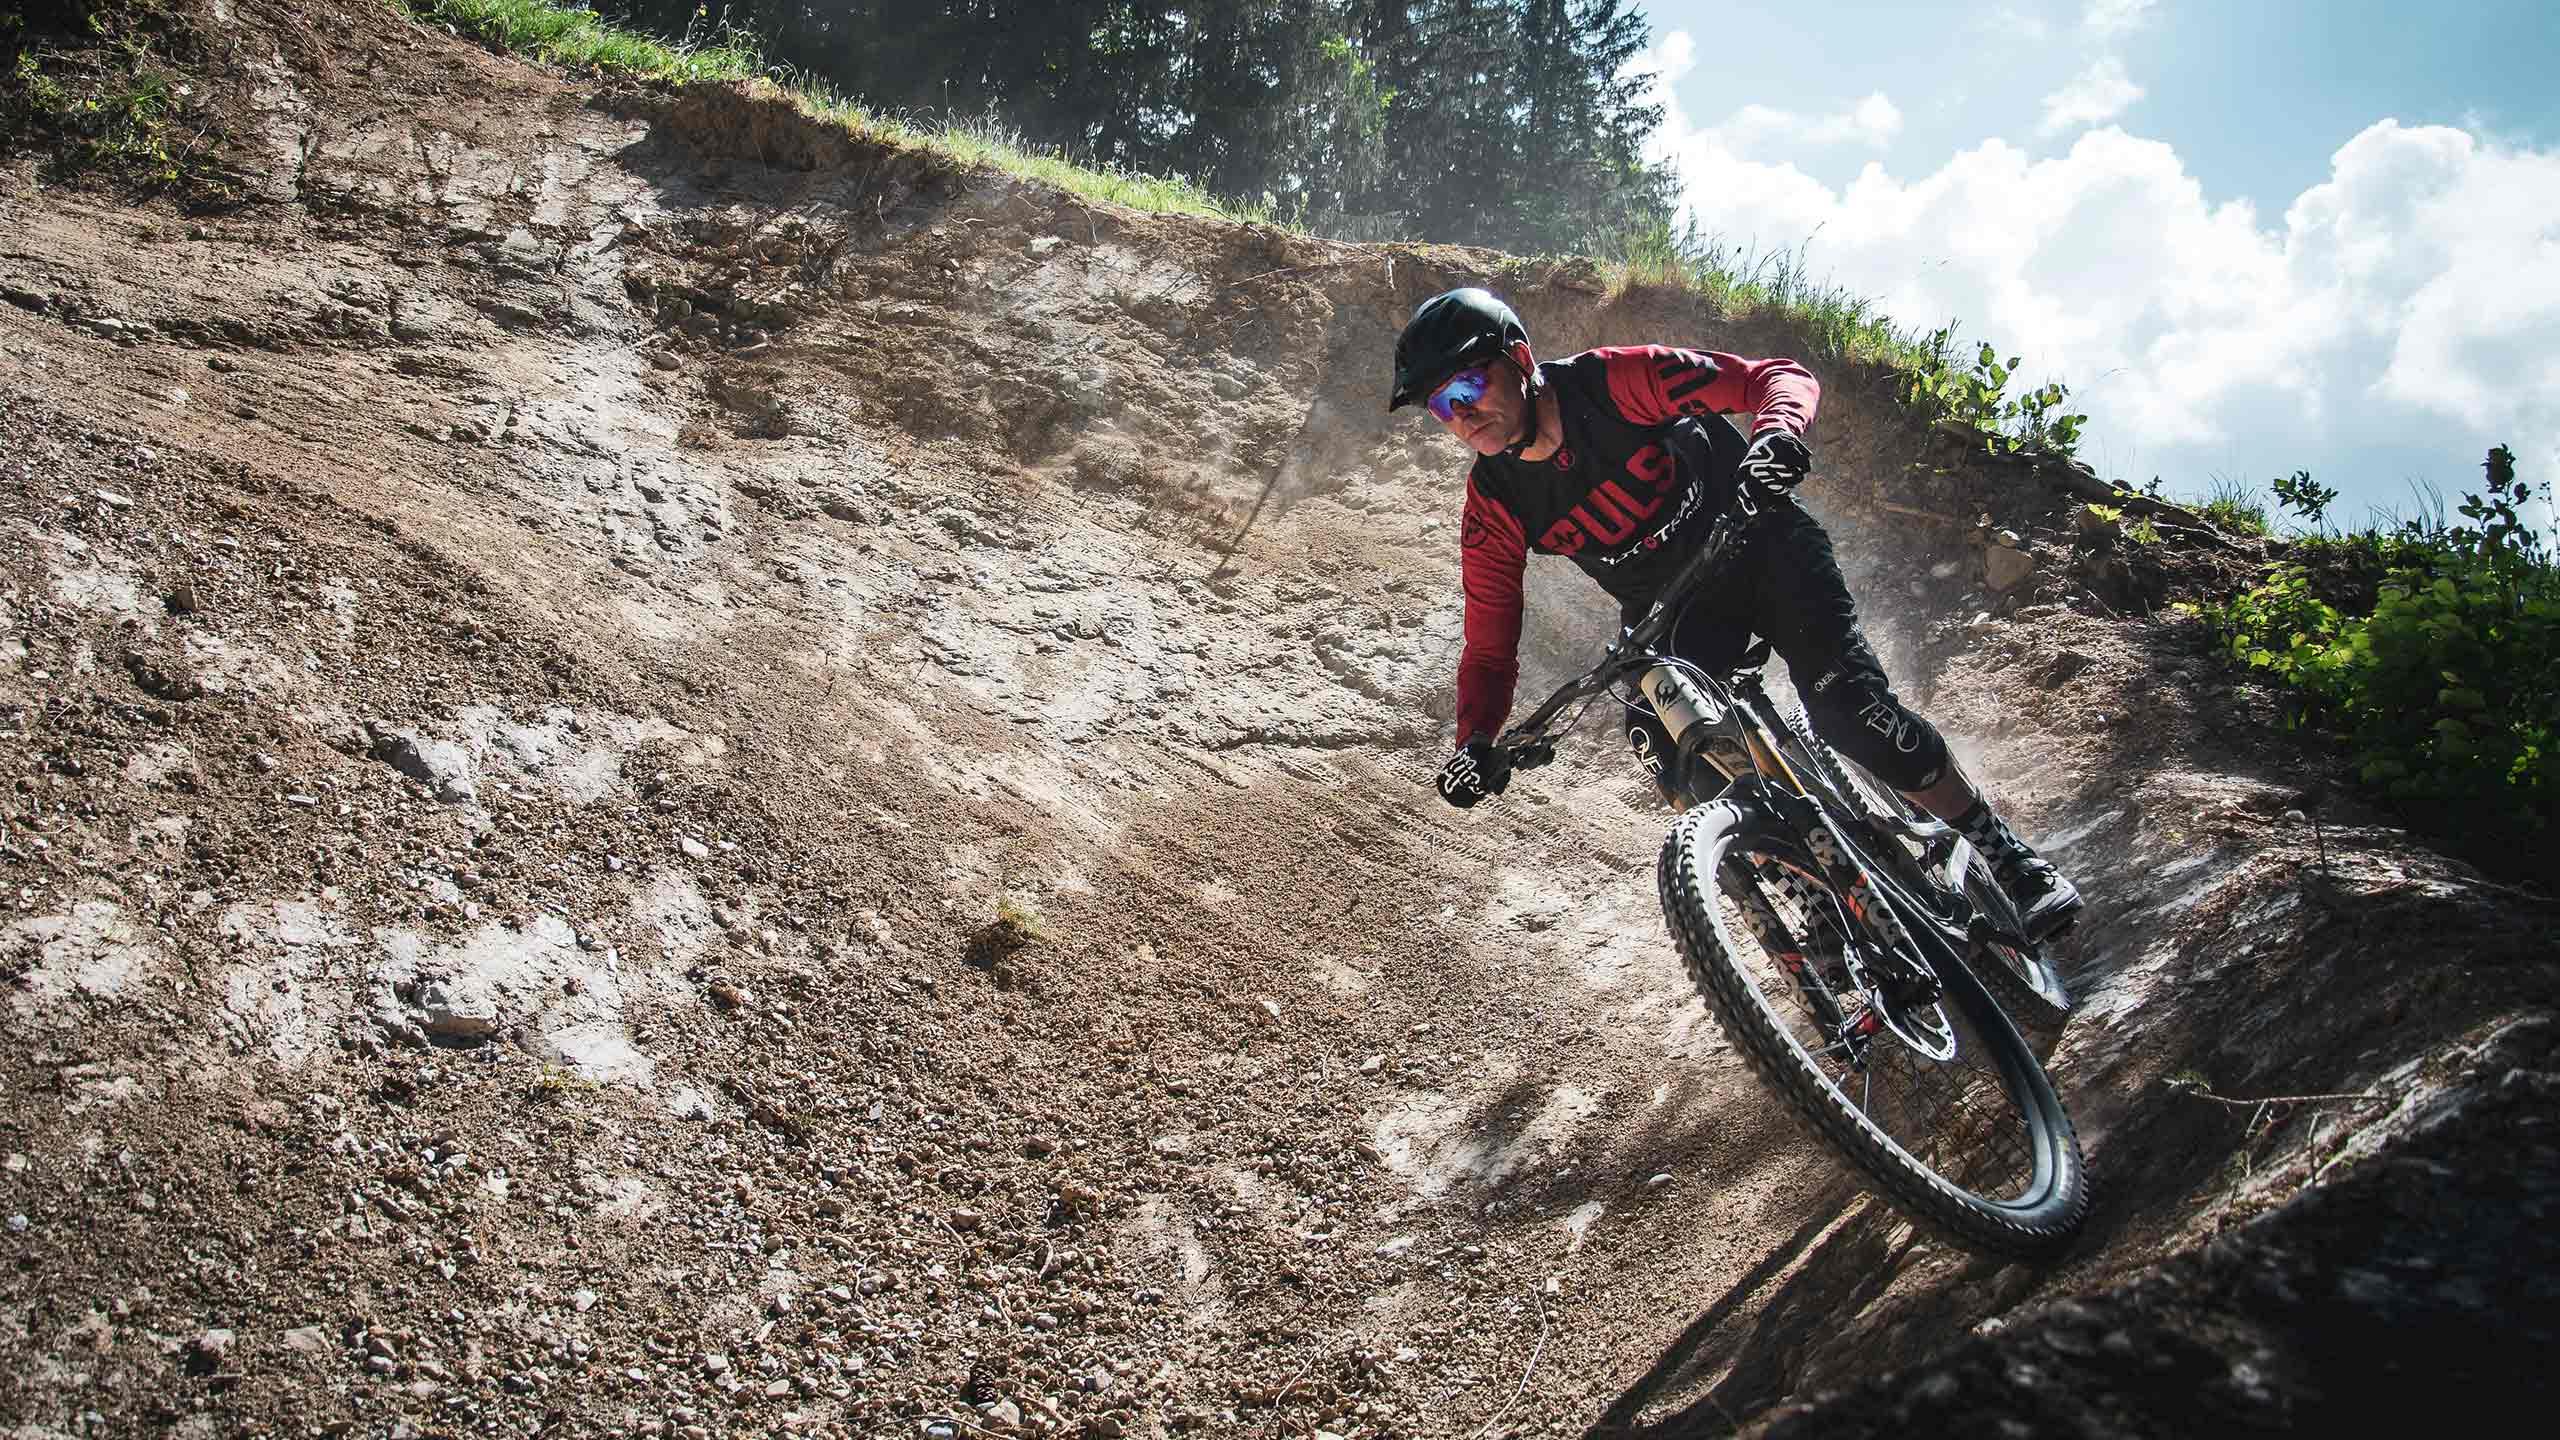 downhill-bikepark-wiriehorn-biker-in-steilwandkurve.jpg